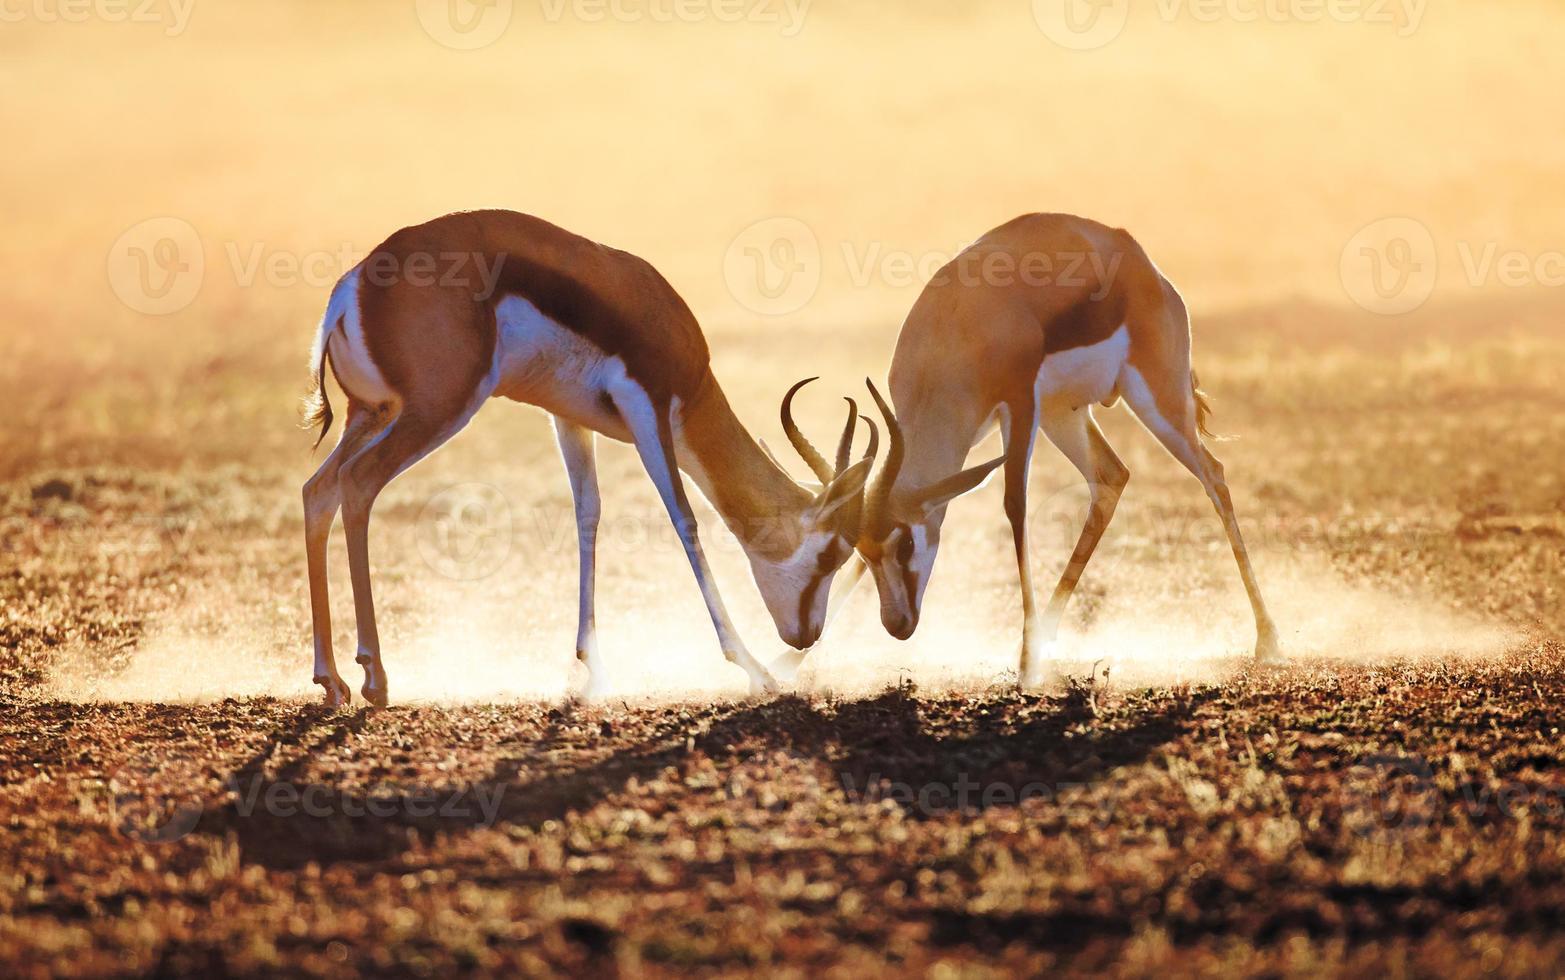 gazela dupla em pó foto